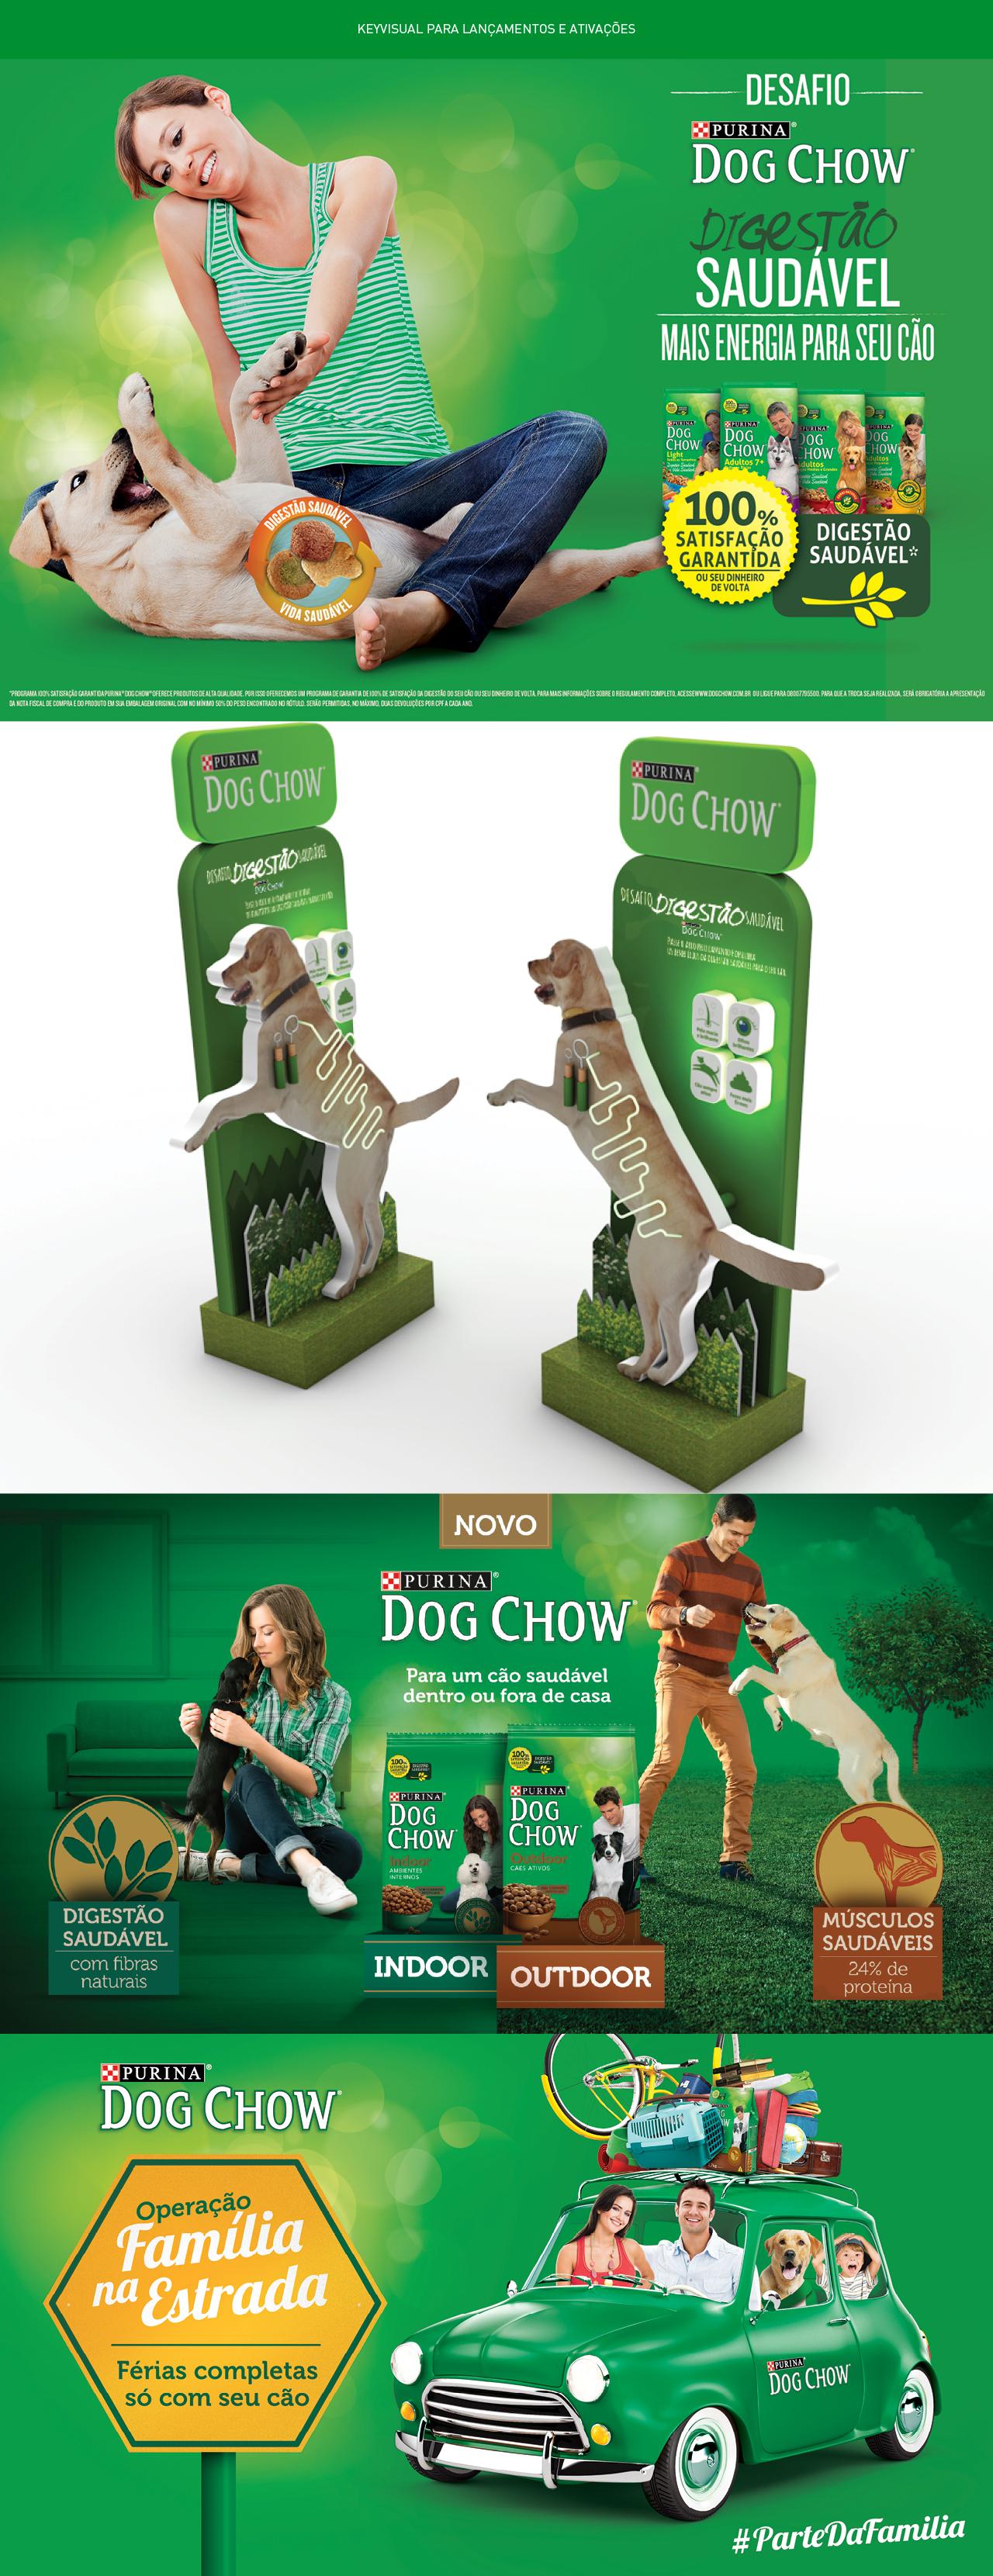 dogs NOVO